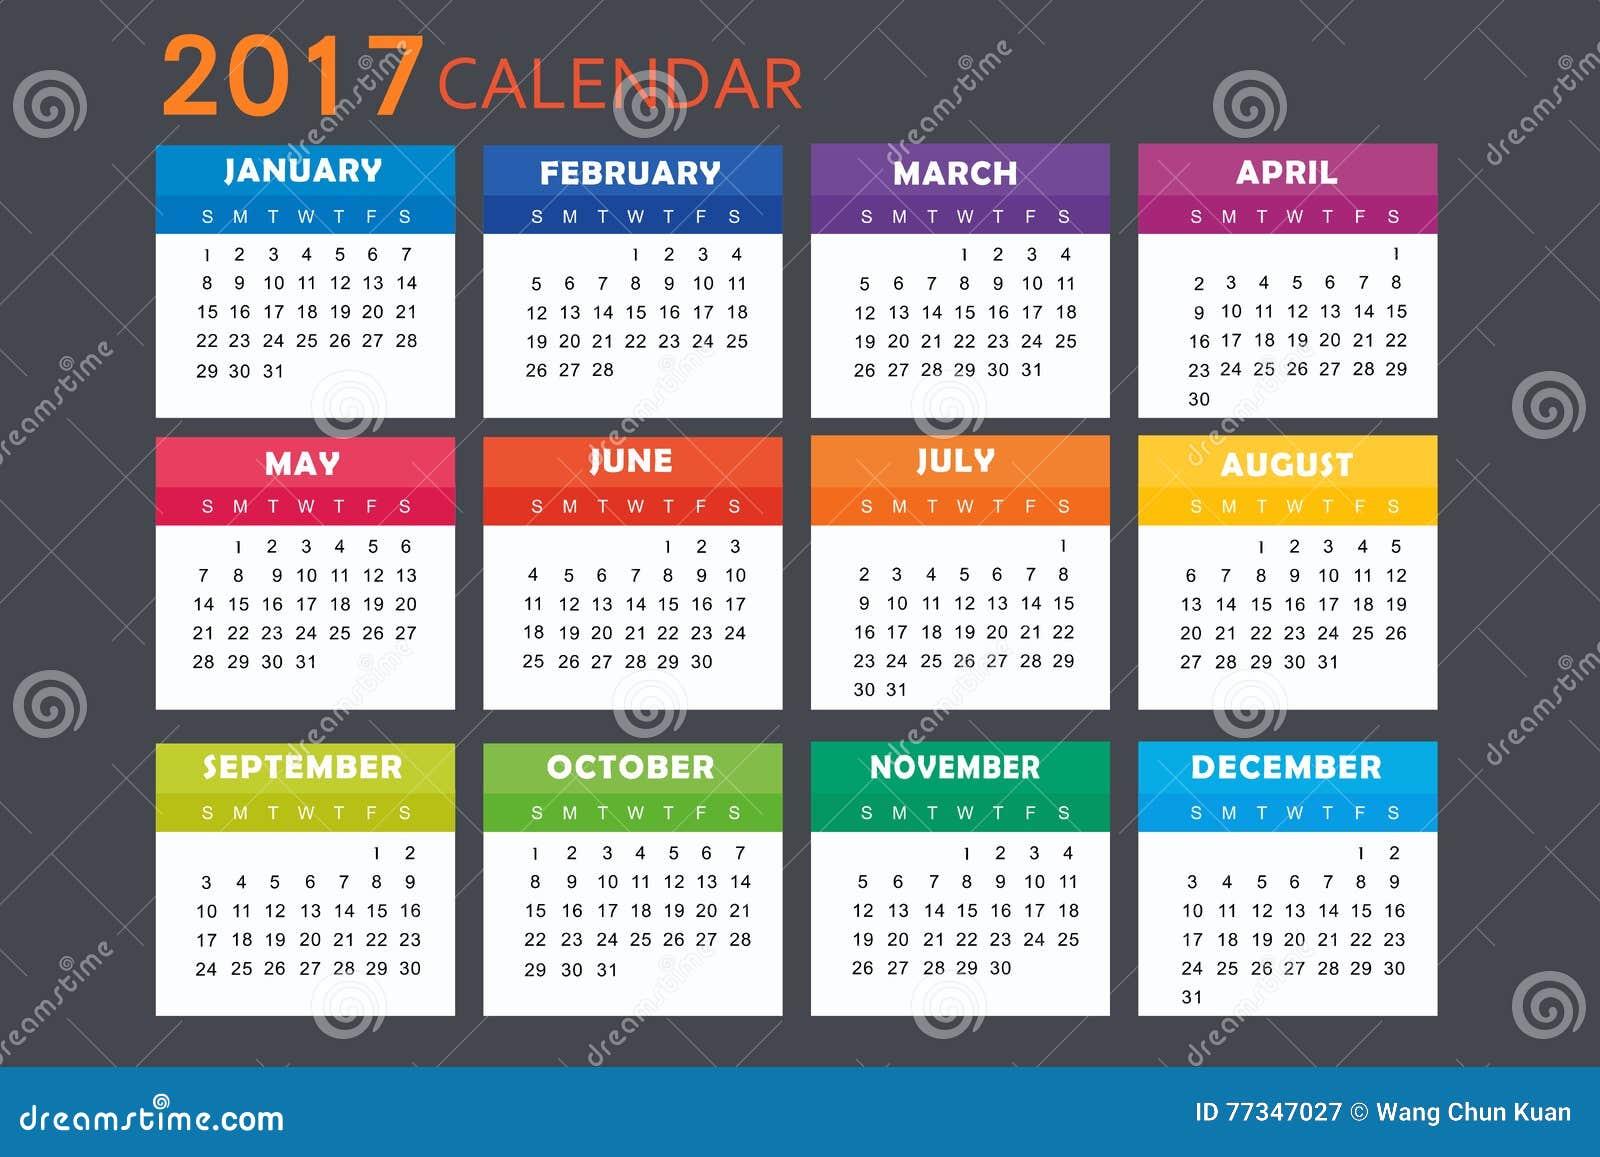 Как сделать календарь 2017 152